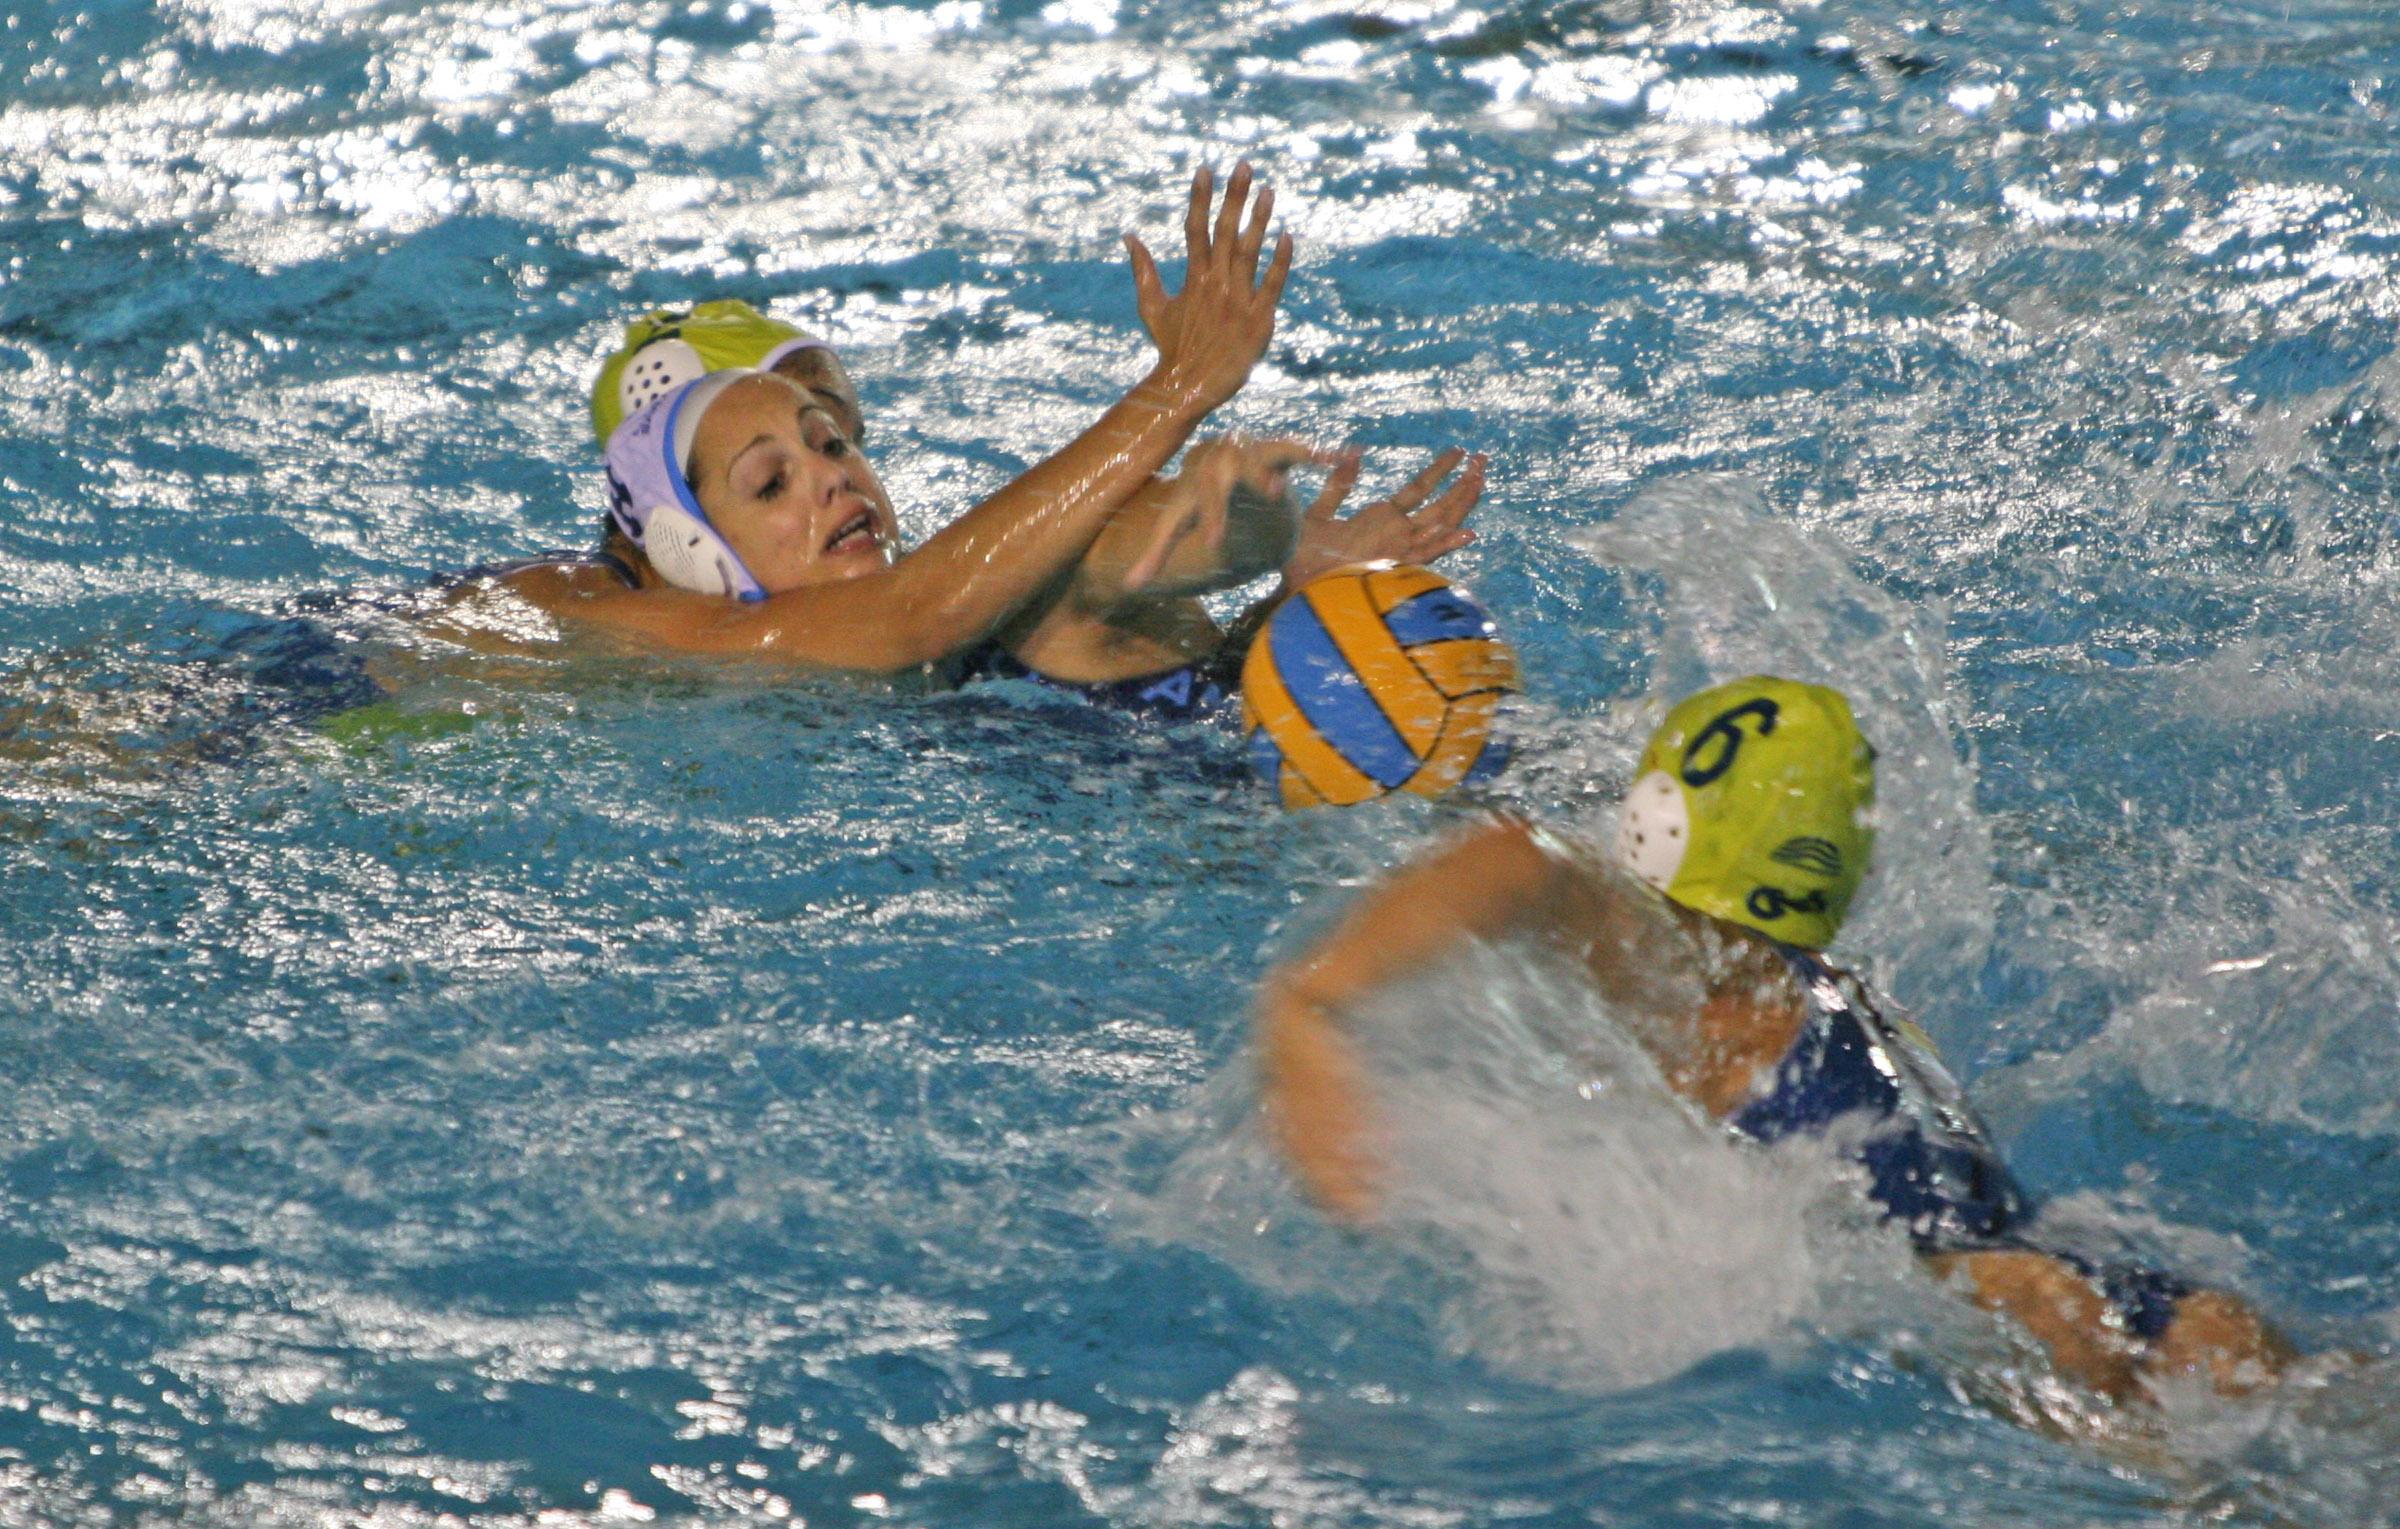 El Sabadell Astralpool toma ventaja en la final de la Divisón de Honor femenina de waterpolo